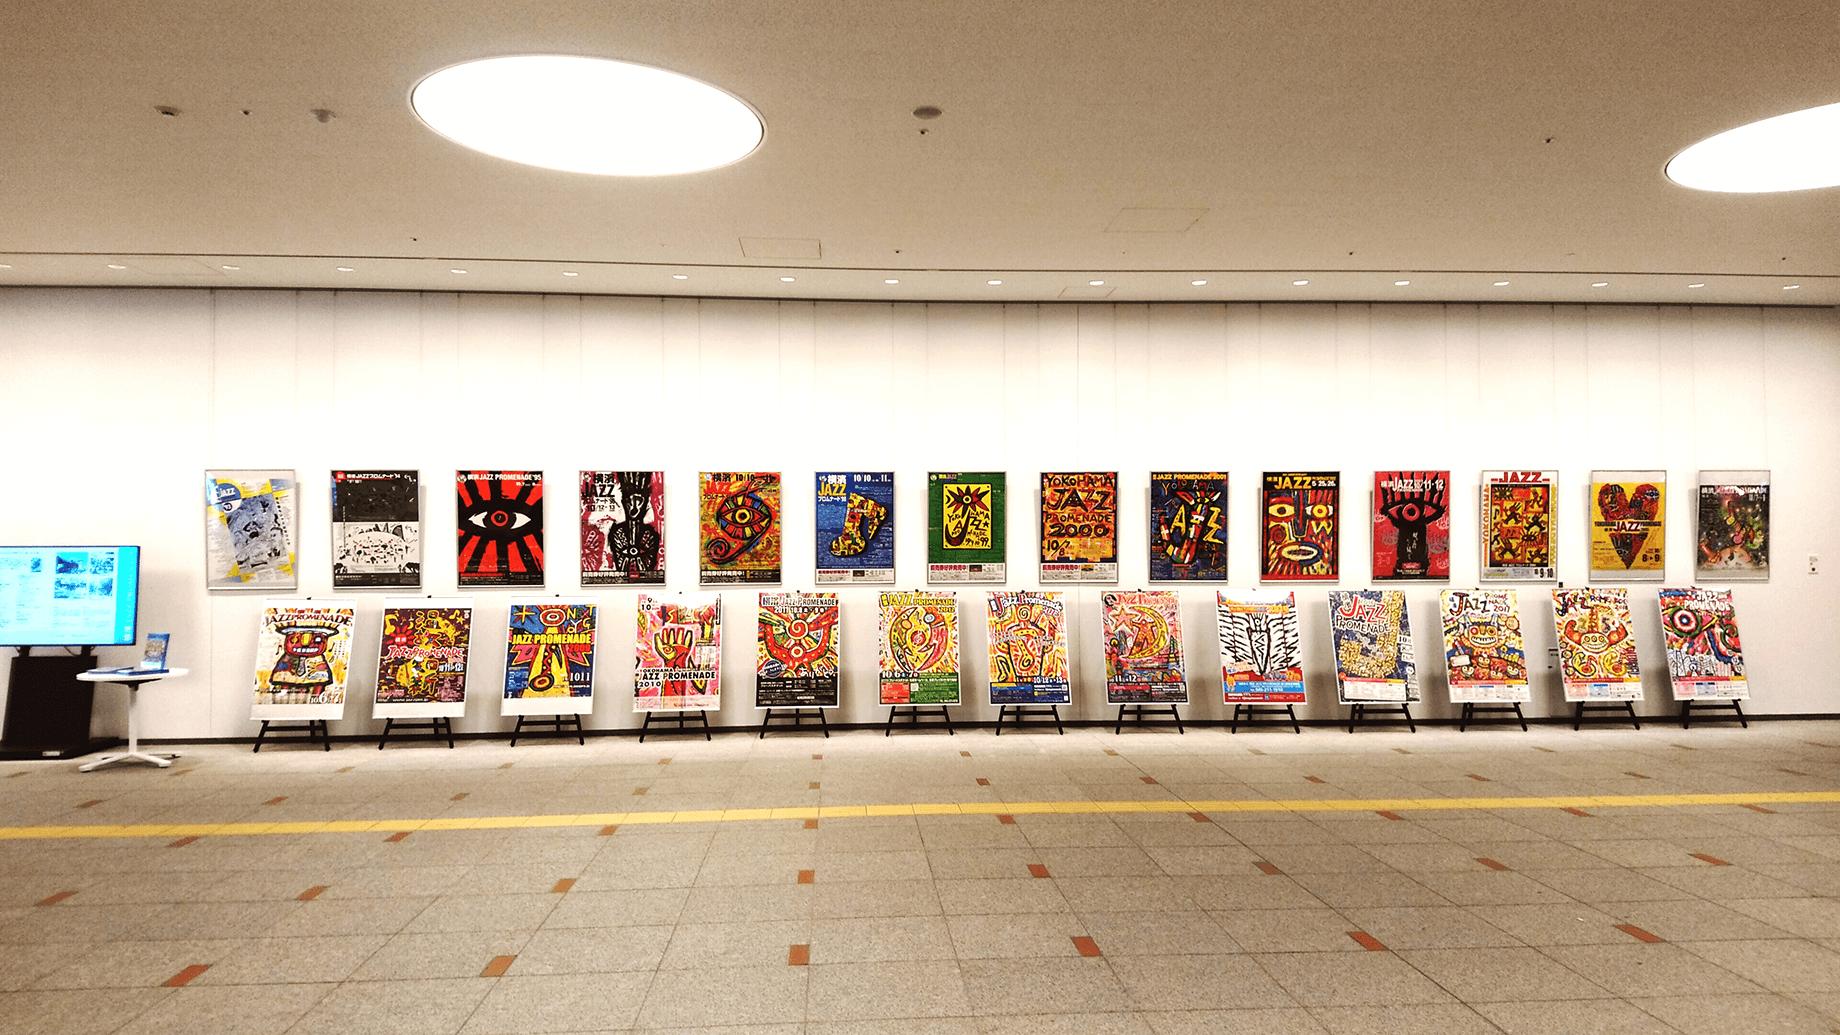 前回のポスター展の様子